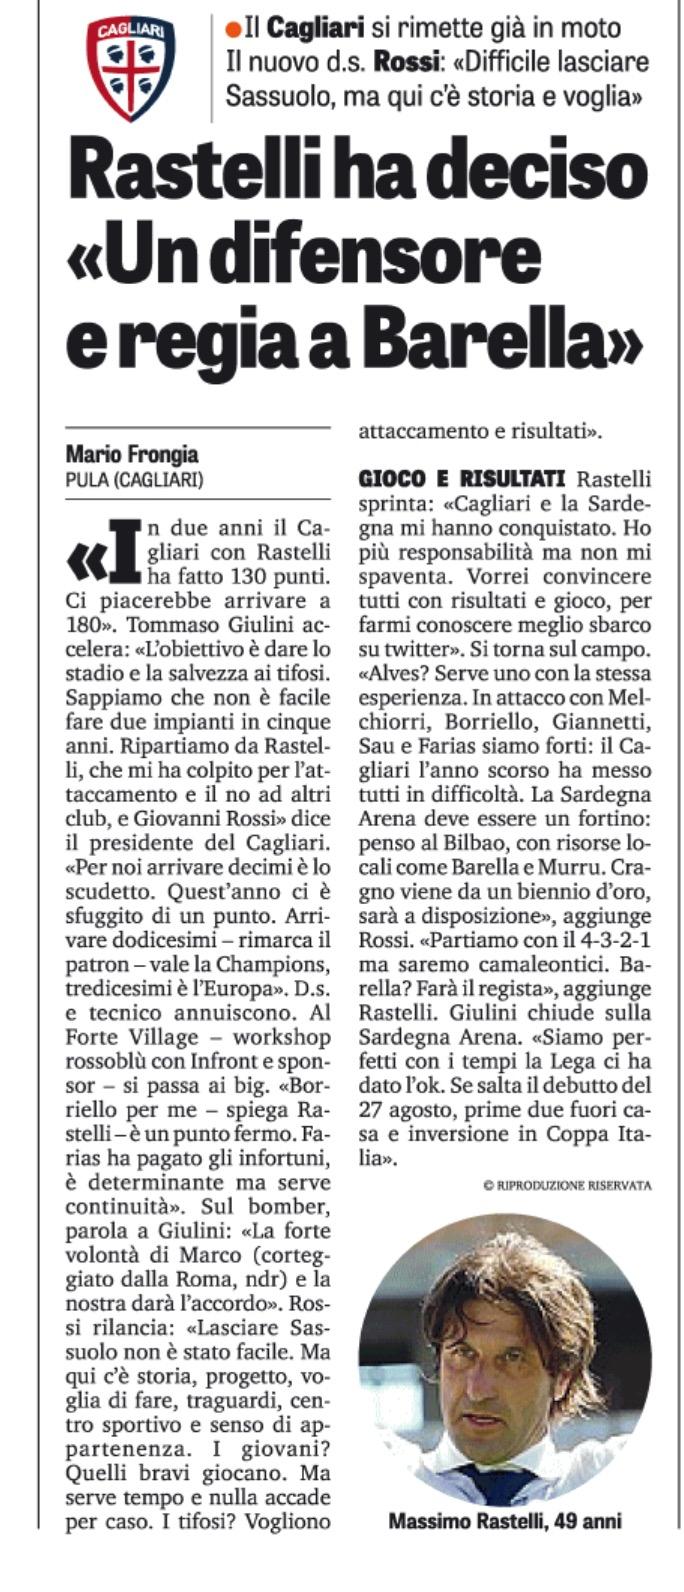 La Gazzetta dello Sport del 13/06/2017 parla del lancio social di Massimo Rastelli.